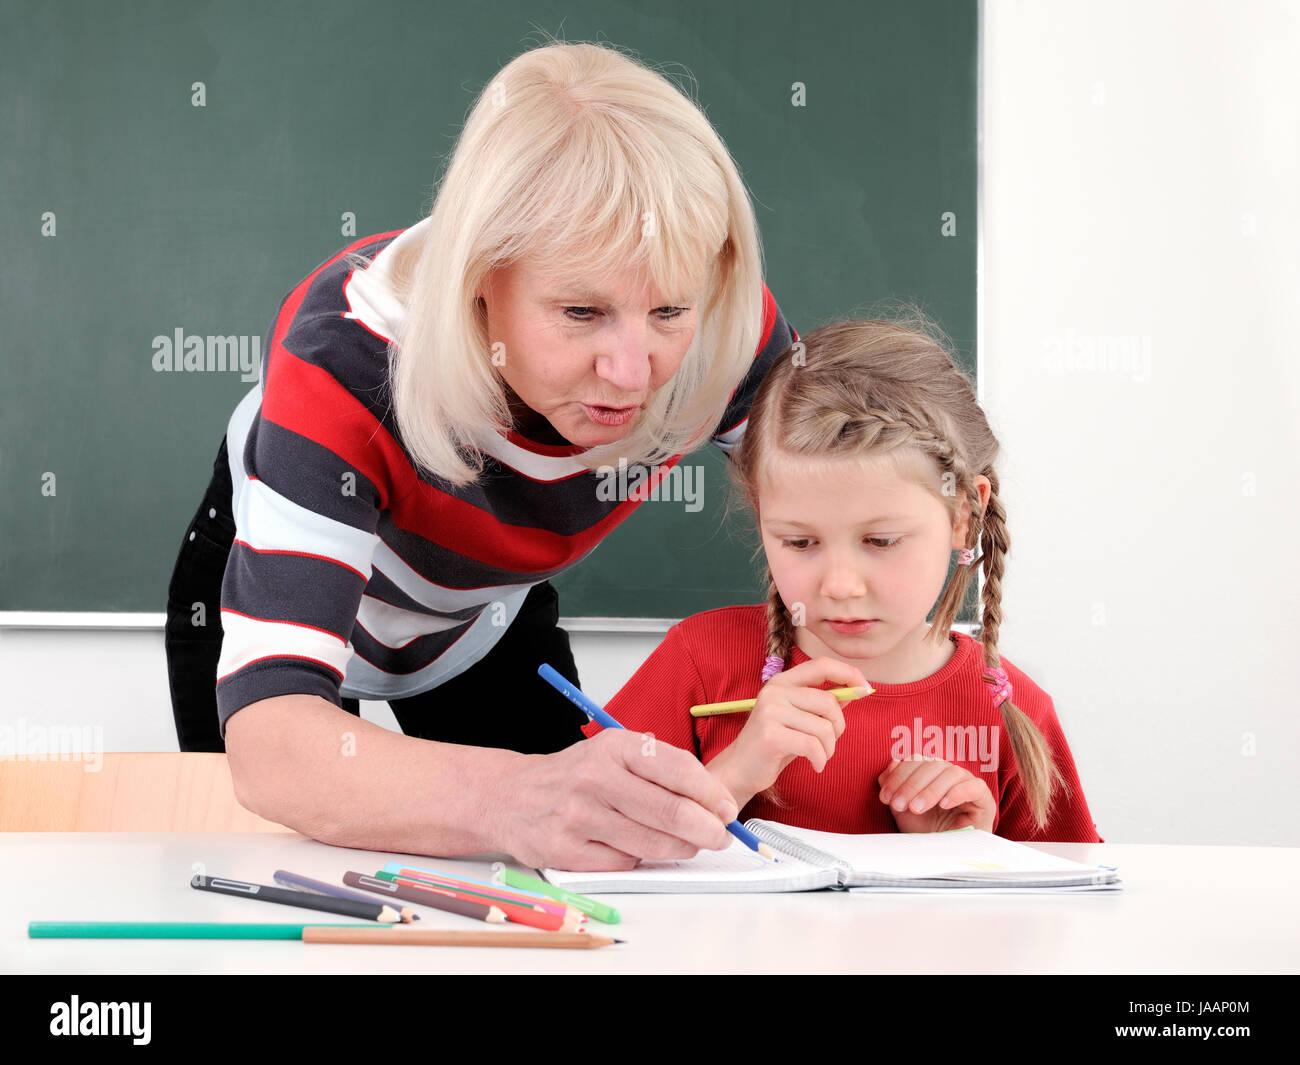 Ältere Lehrerin, alt, älter, Lehrerin, Lehrer, Schülerin, Schüler, Schule, Unterricht, Beruf, Hochschule, Universität, Stock Photo